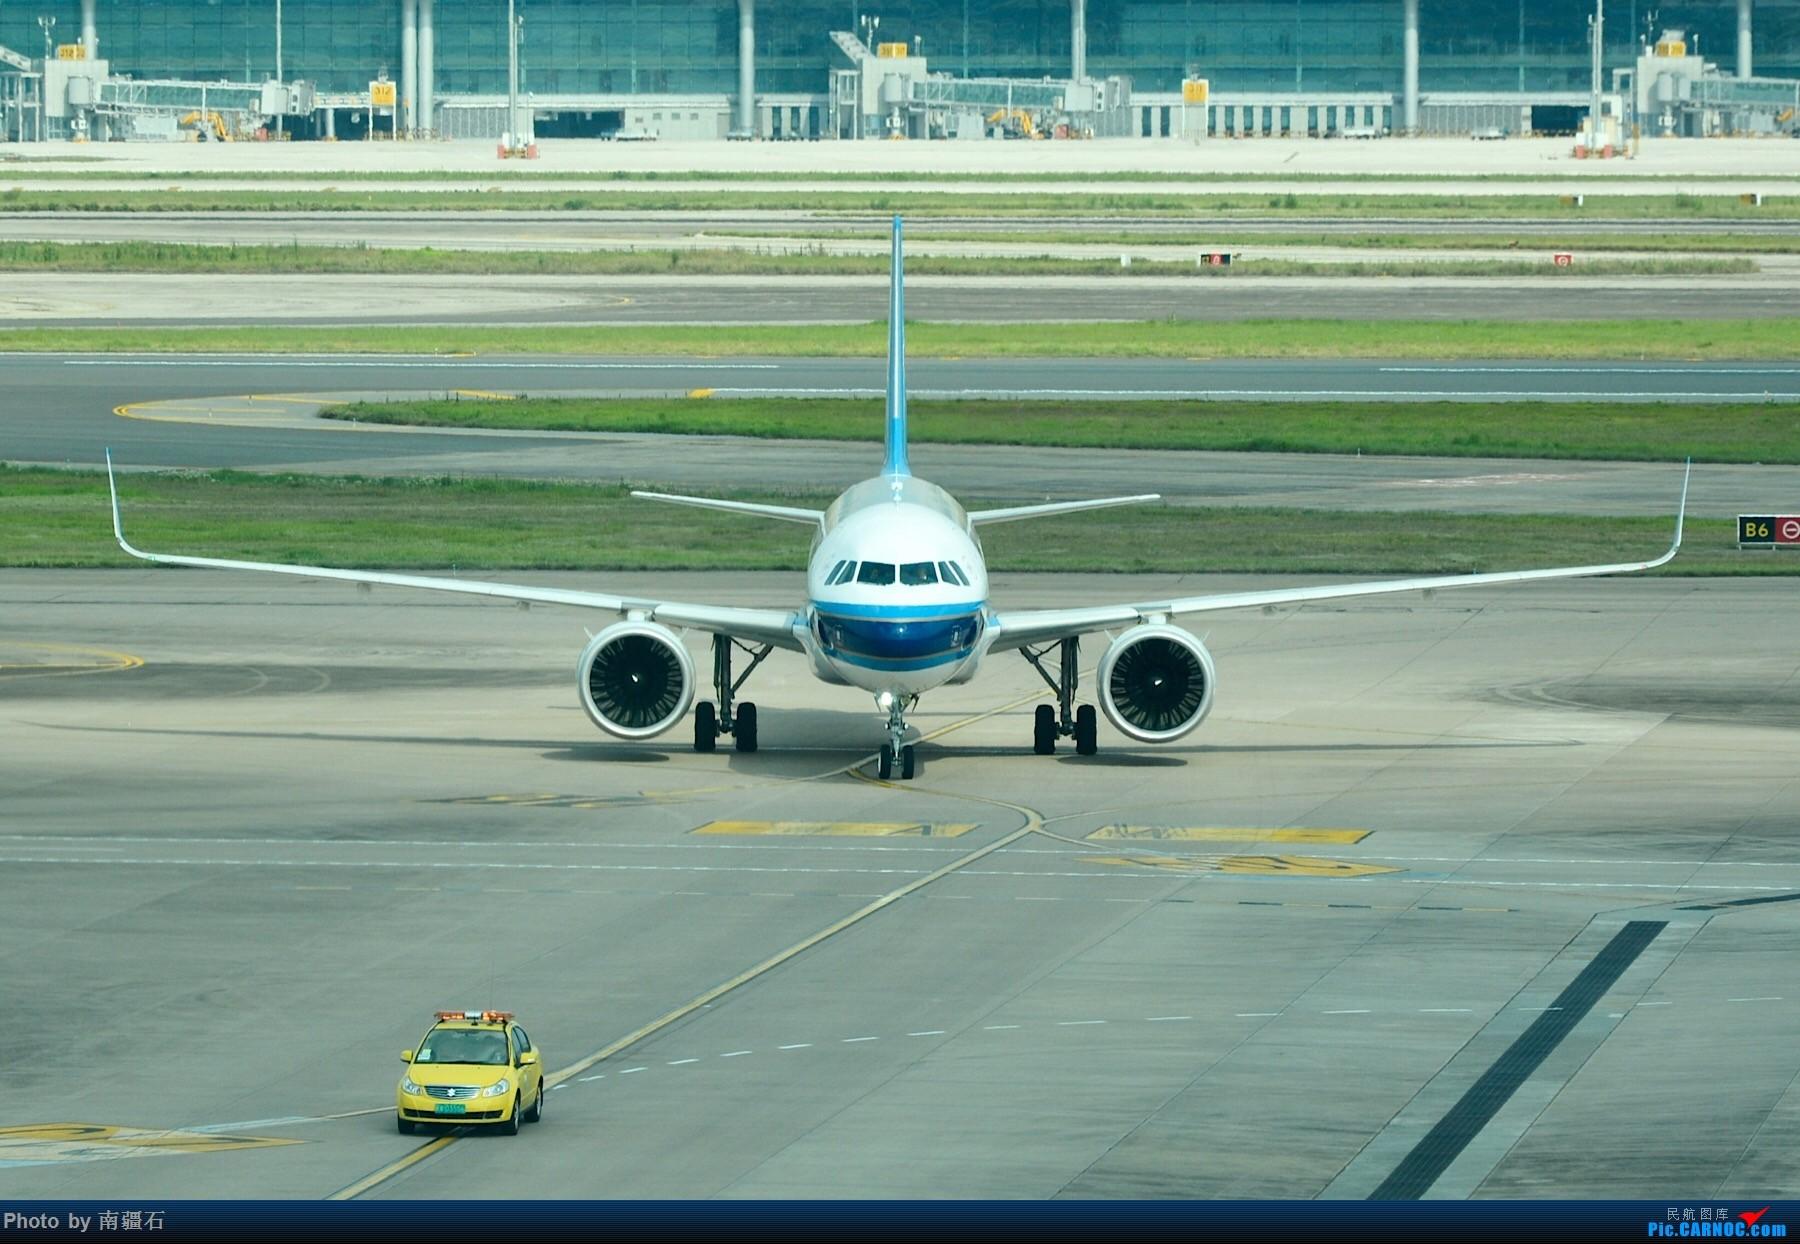 [原创]重庆江北之南航a320neo 卸货 加油 发动机等细节图 AIRBUS A320NEO B-8965 中国重庆江北国际机场